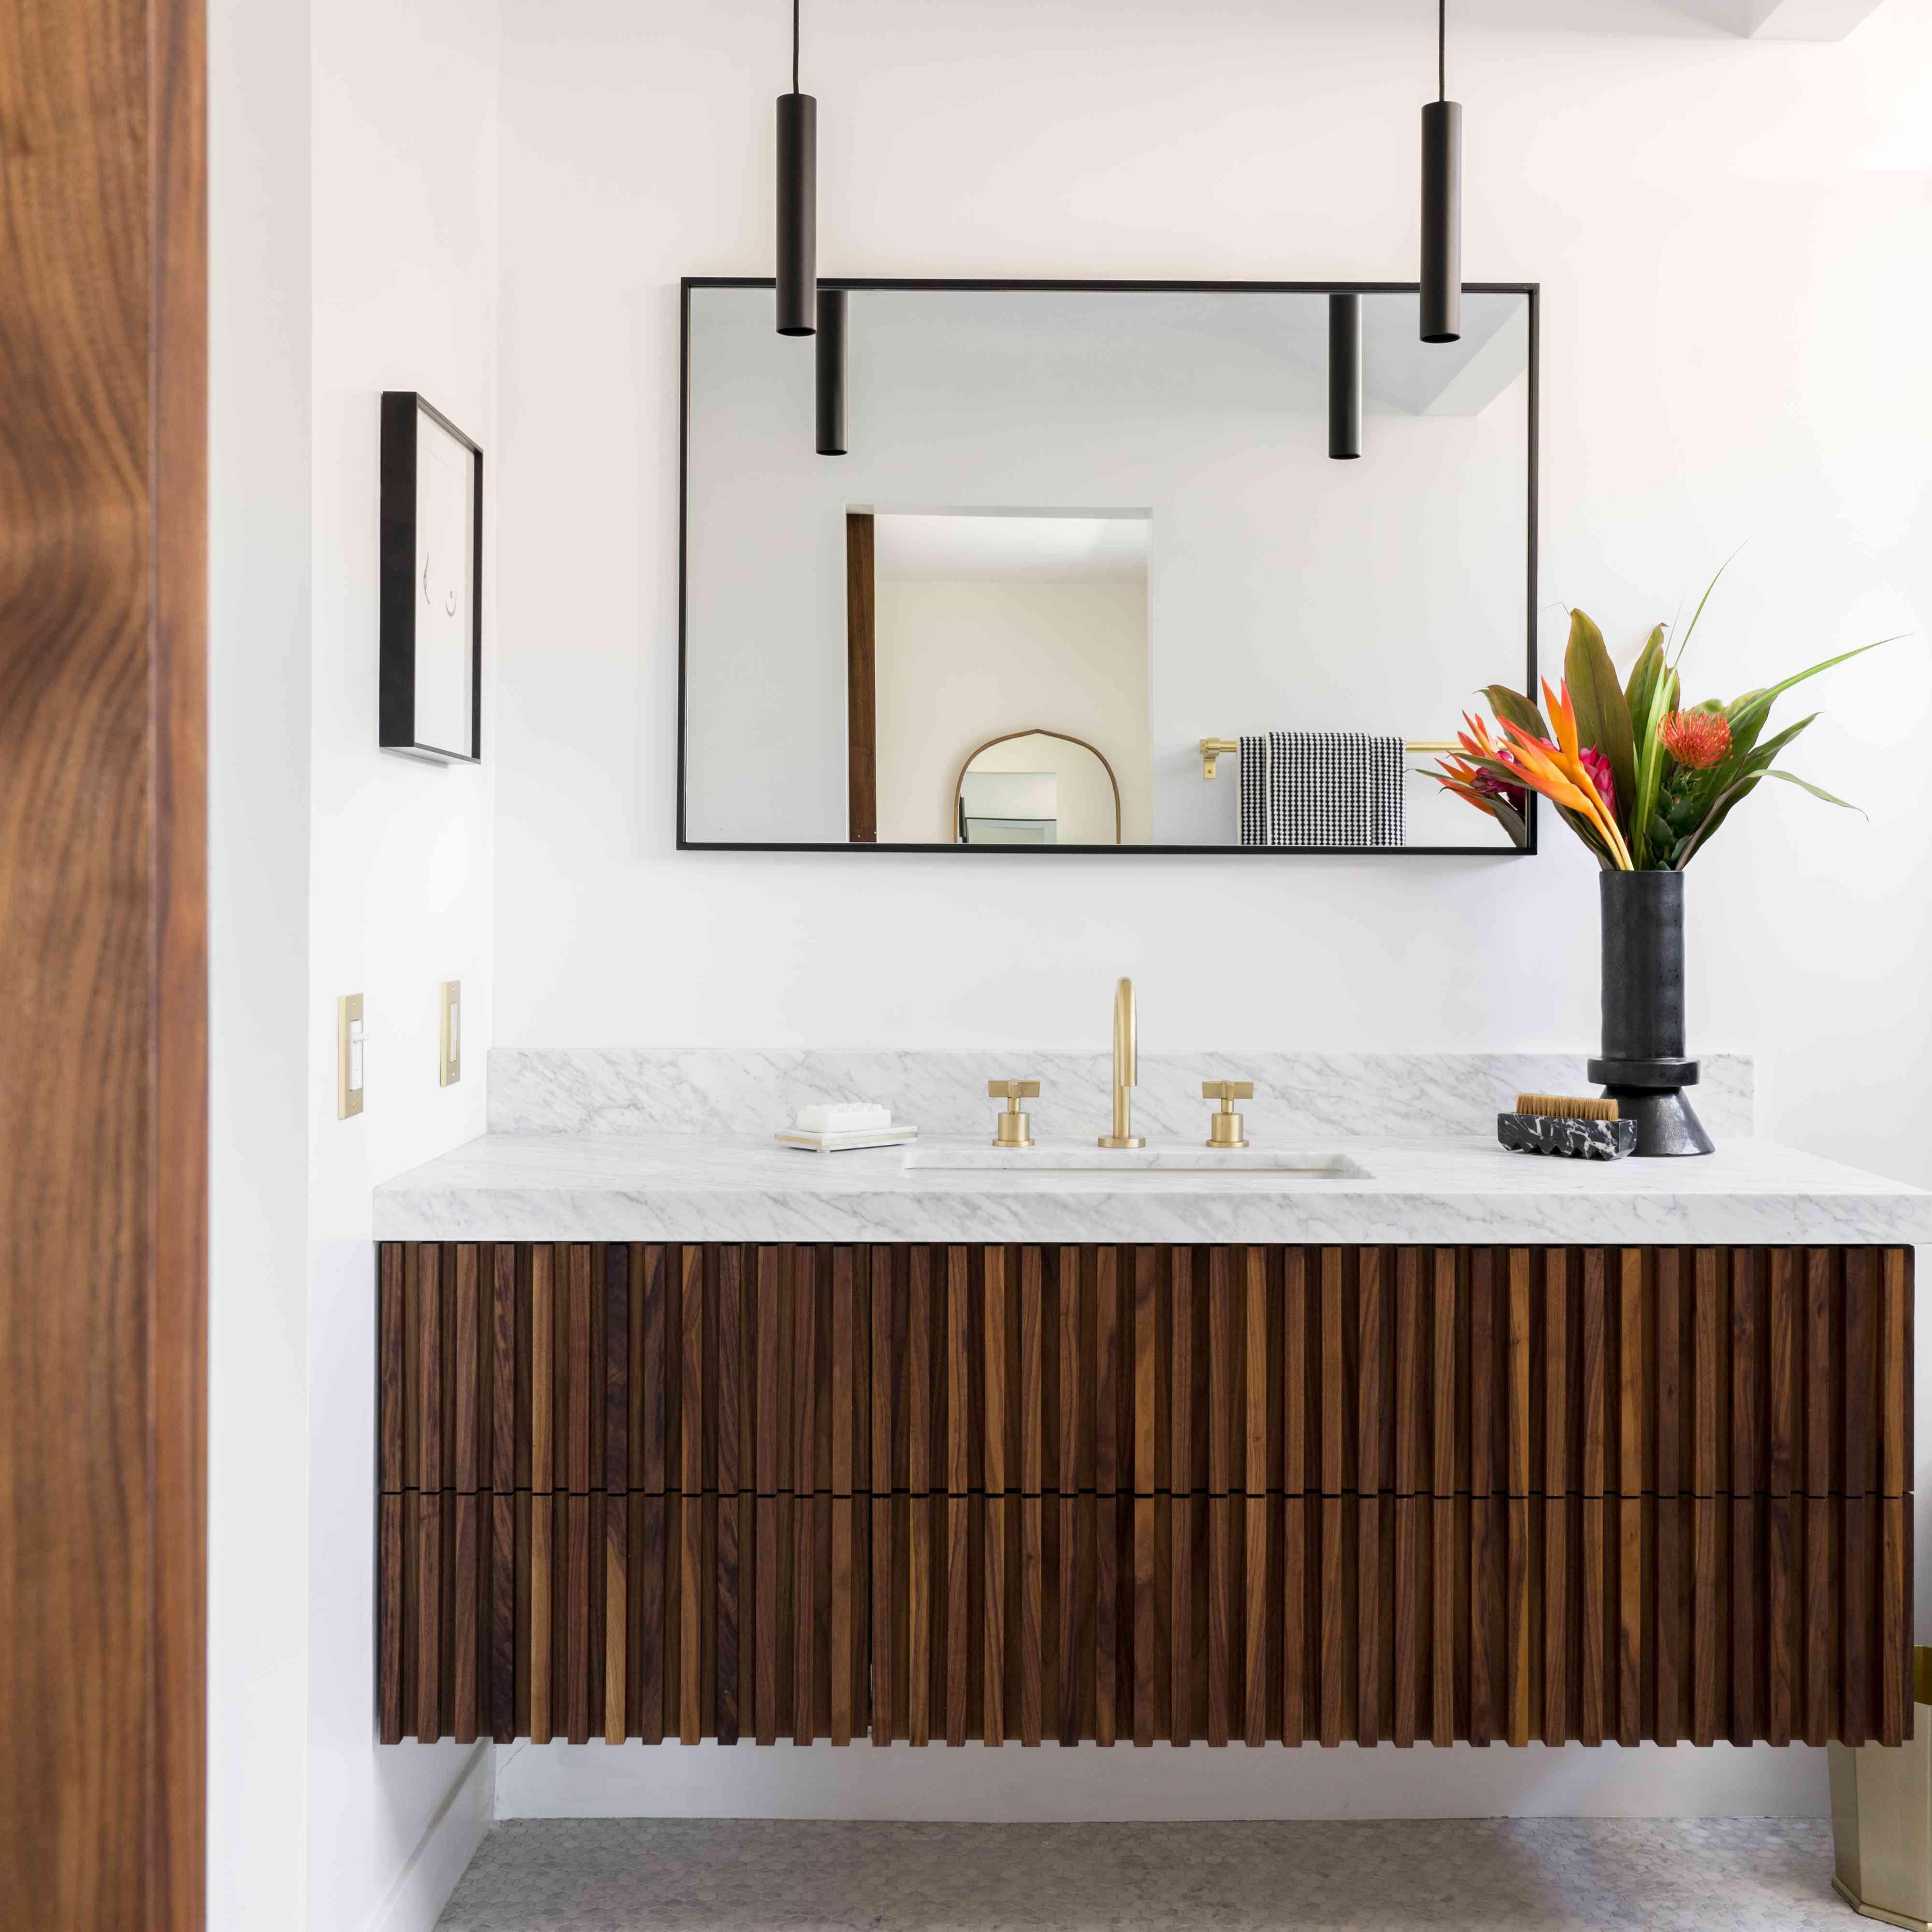 Bathroom vanity with sleek pendant lighting.